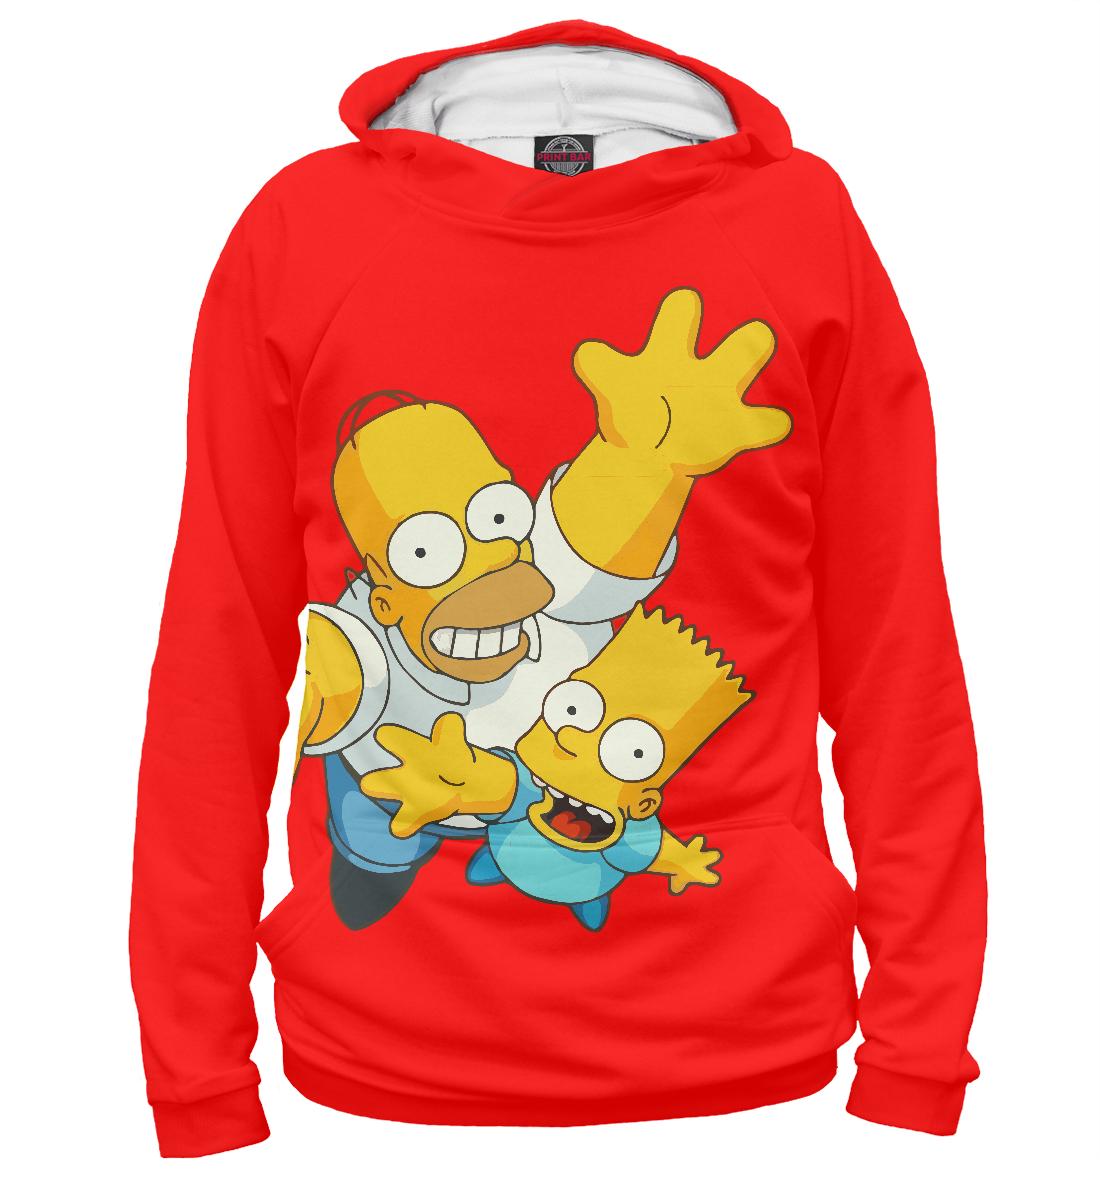 Купить Барт и Гомер Симпсоны, Printbar, Худи, SIM-470839-hud-1